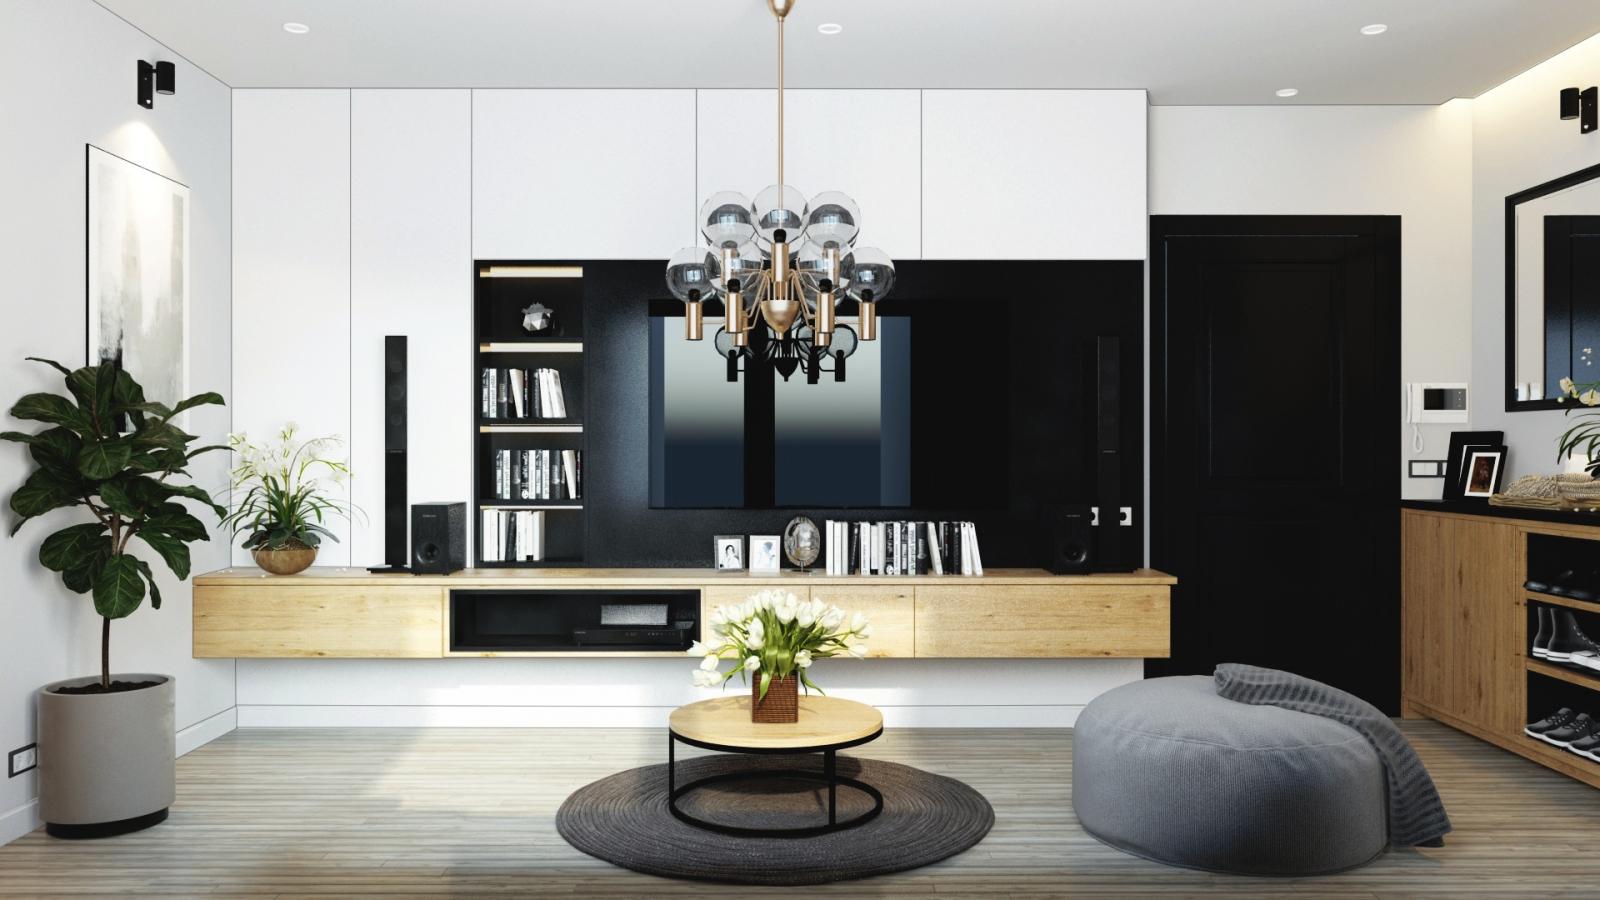 Dự án thiết kế – thi công nội thất chung cư GreenBay nhà chị Xuân